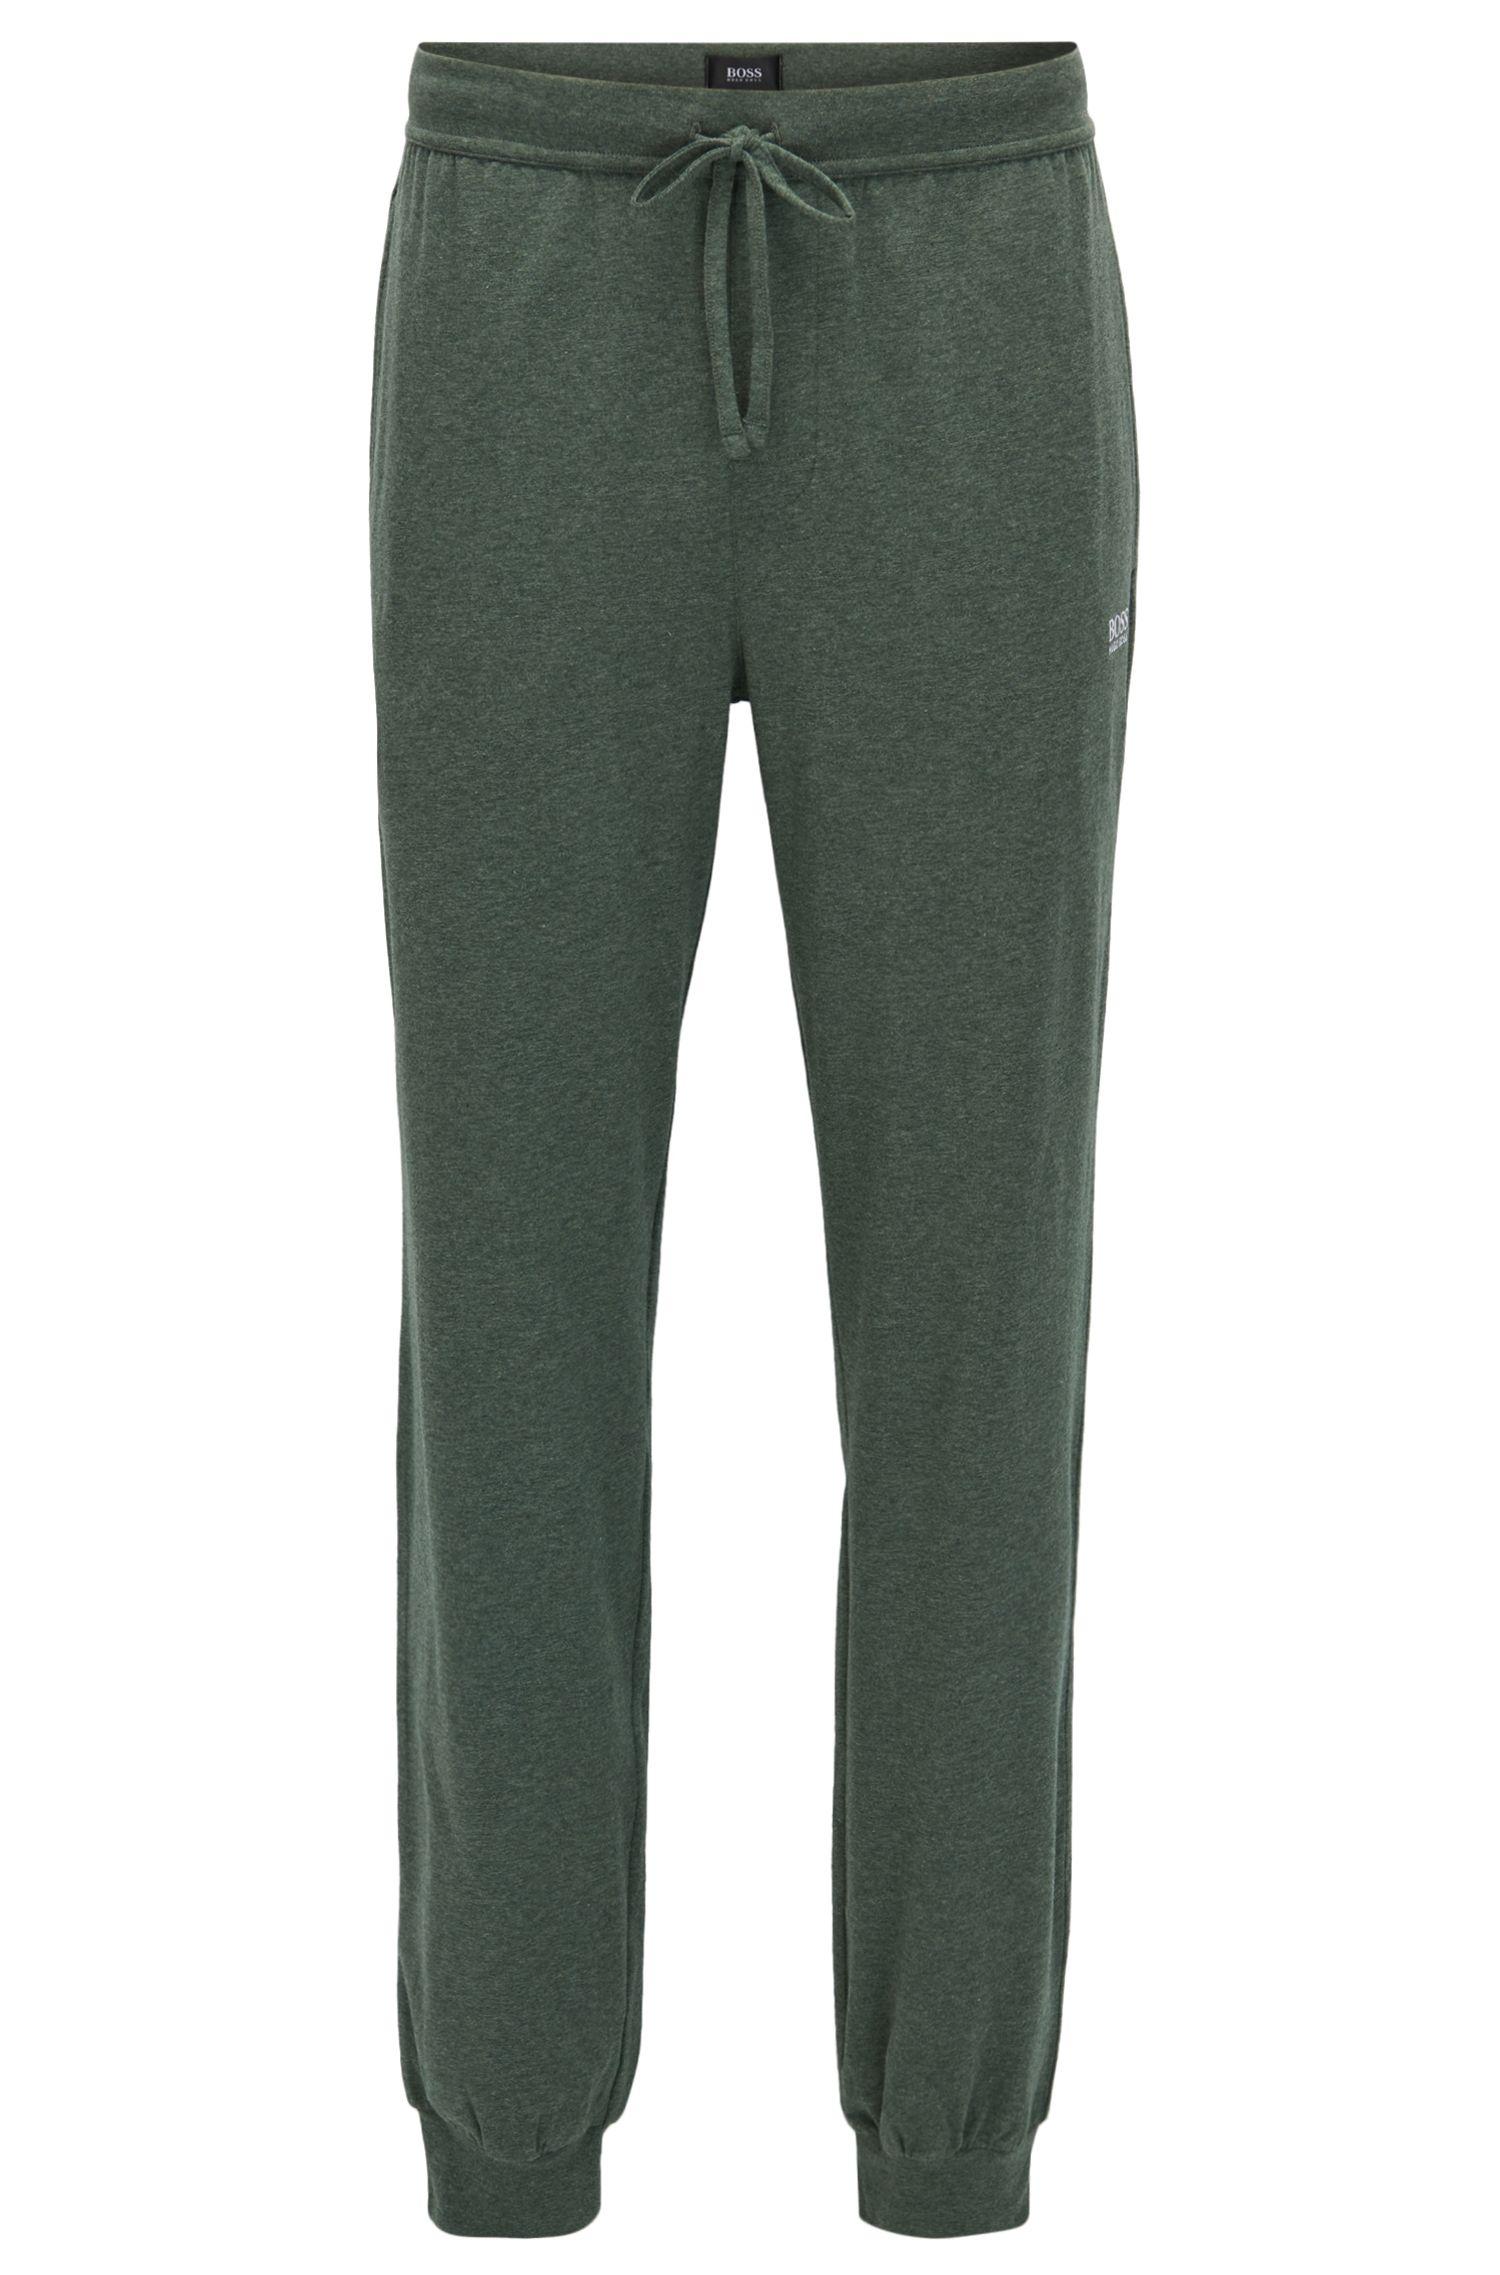 Pantalones loungewear con puños en algodón elástico